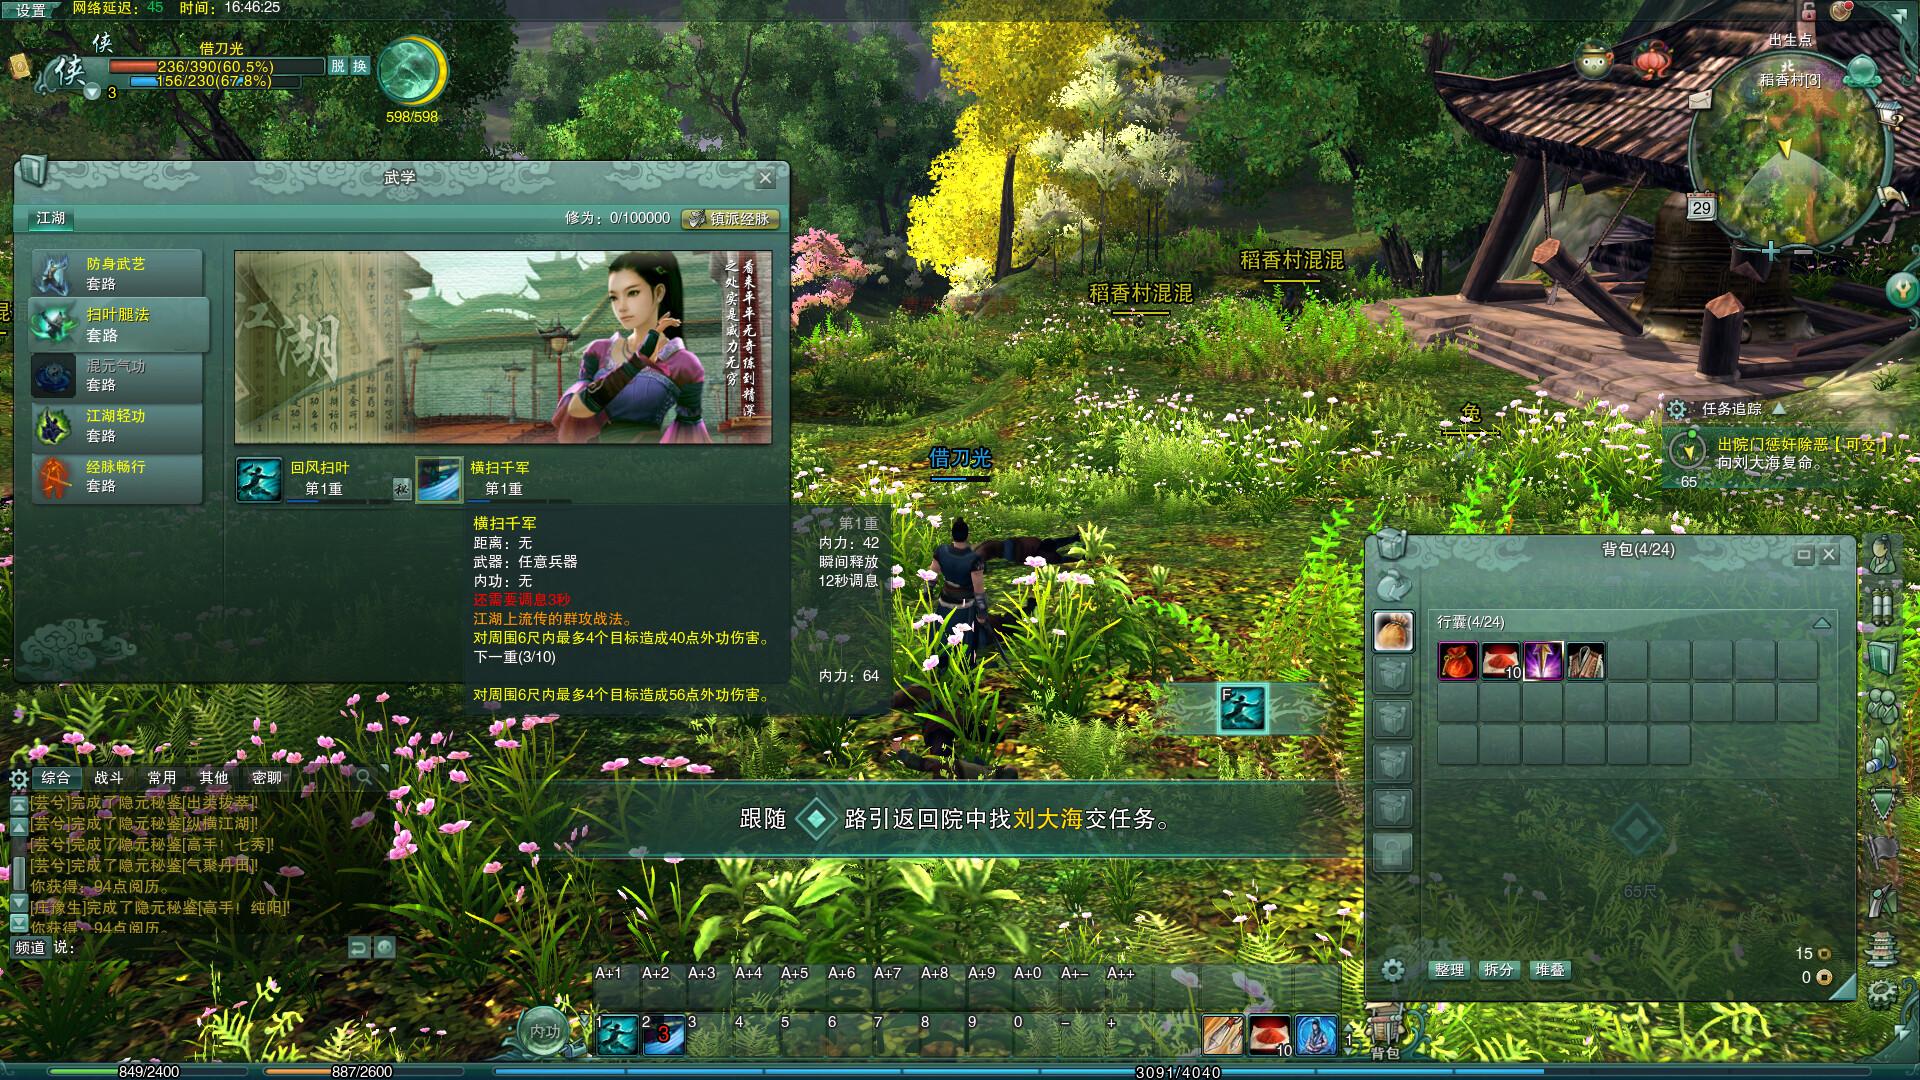 《剑网3缘起》评测:再回稻香村,踏入新江湖